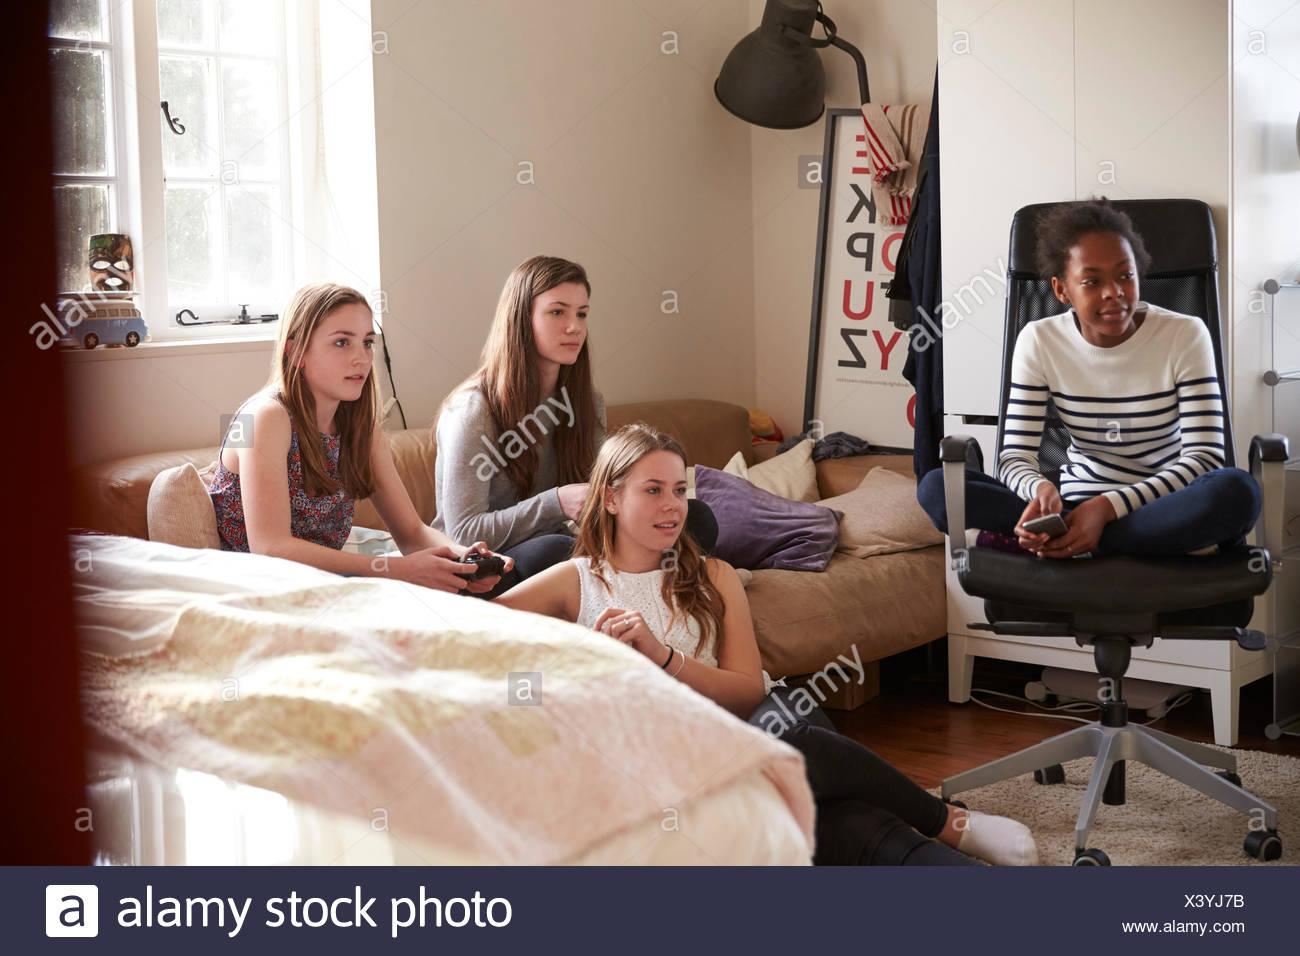 Un Gruppo Di Ragazze Adolescenti La Riproduzione Del Video Gioco In Camera Da Letto Foto Stock Alamy